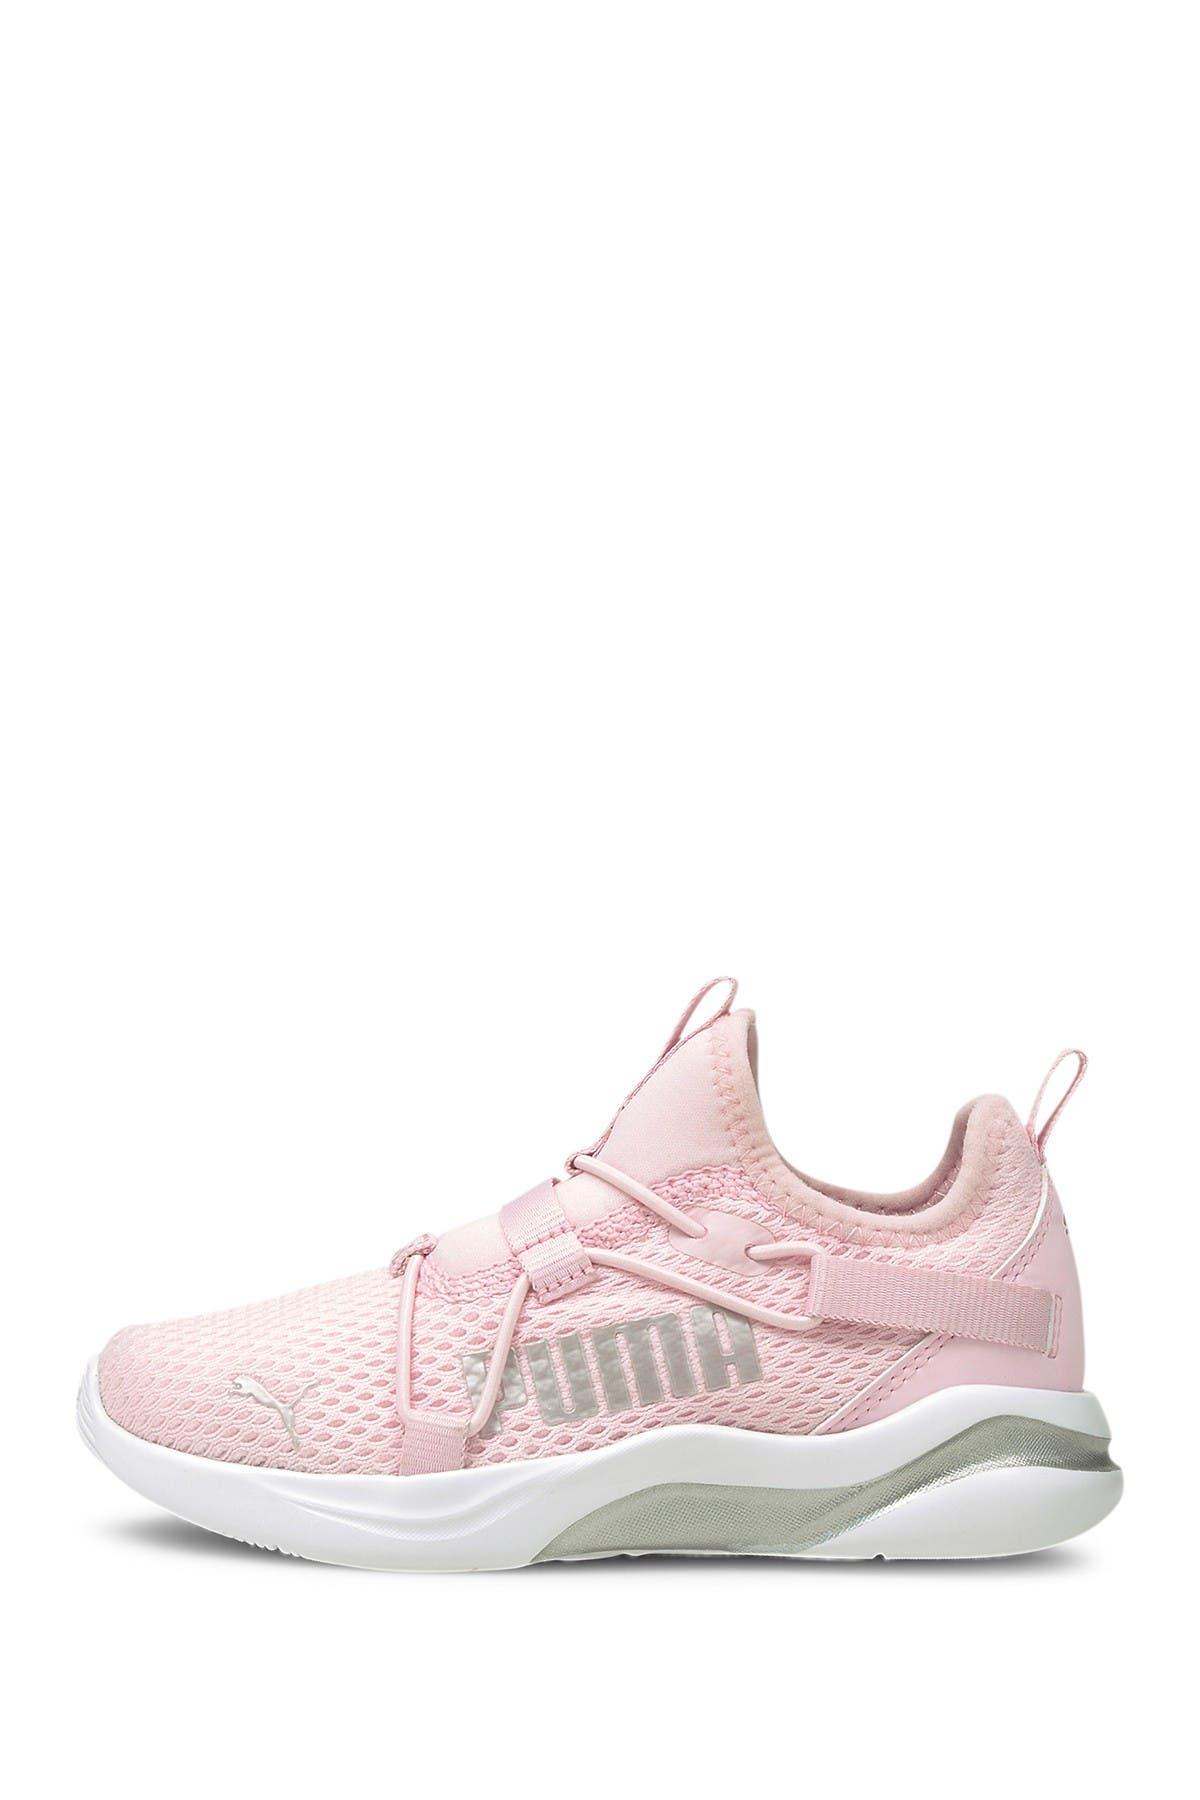 Image of PUMA Rift Slip-On Sneaker